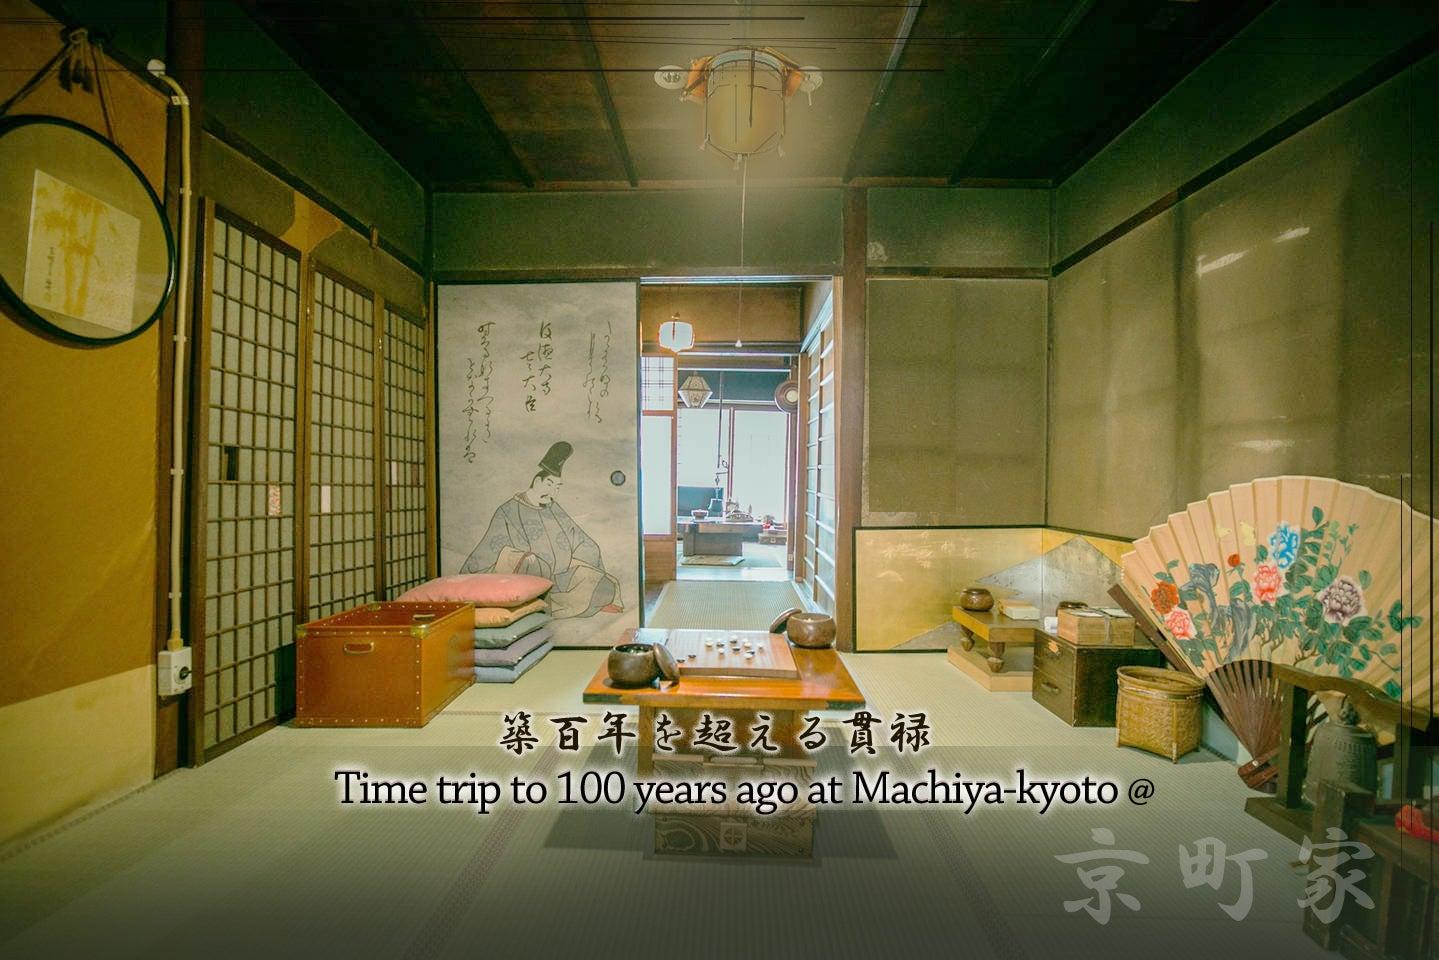 西院・築100年 京都の伝統を残す町屋を貸切 撮影・貸切パーティ・会議や研修に(西院・築100年 京都の伝統を残す町屋を貸切 10名様まで) の写真0